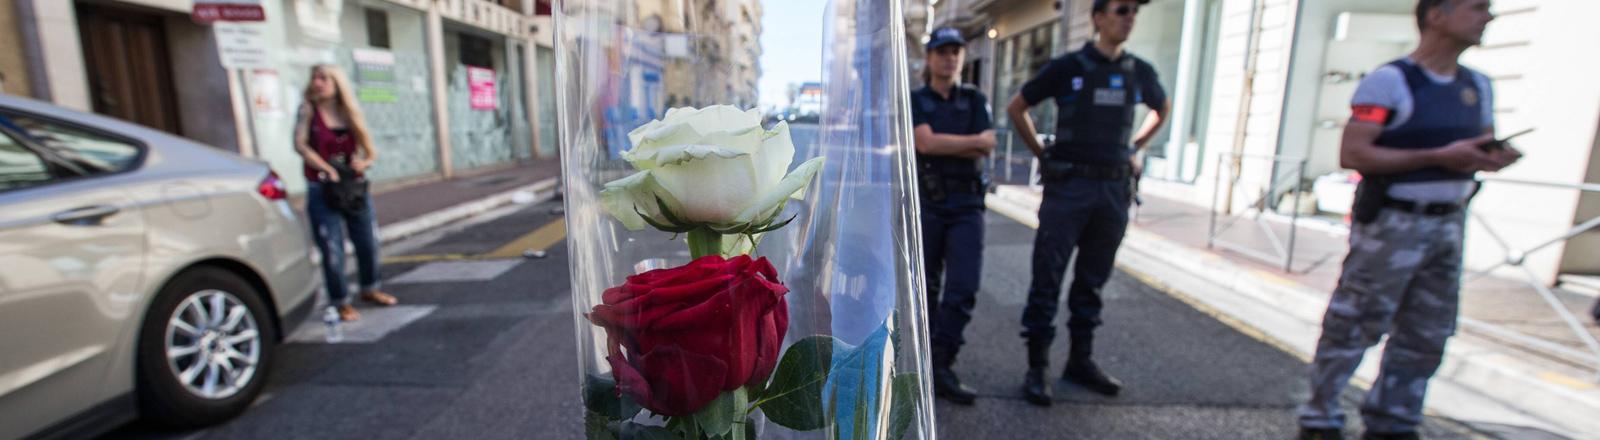 Blumen stecken in der Absperrung an der Promenade des Anglais am Morgen nach dem Anschlag in Nizza am 14.07.2016.